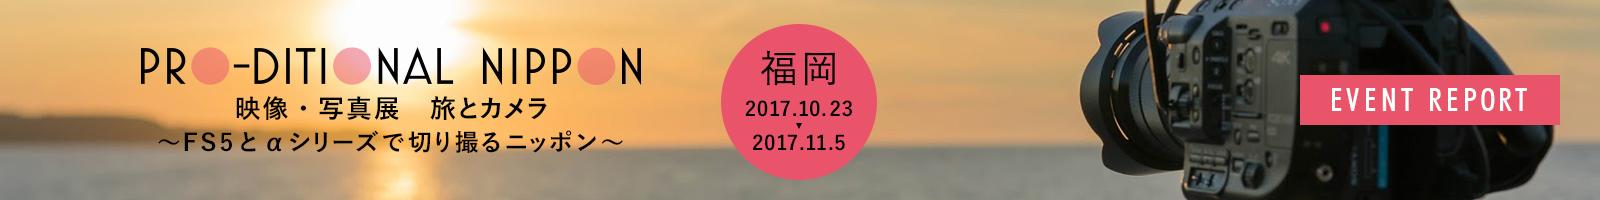 PRO-DITIONAL NIPPON 映像・写真展「旅とカメラ」~FS5とαシリーズで切り撮るニッポン~ 西日本Vol.1